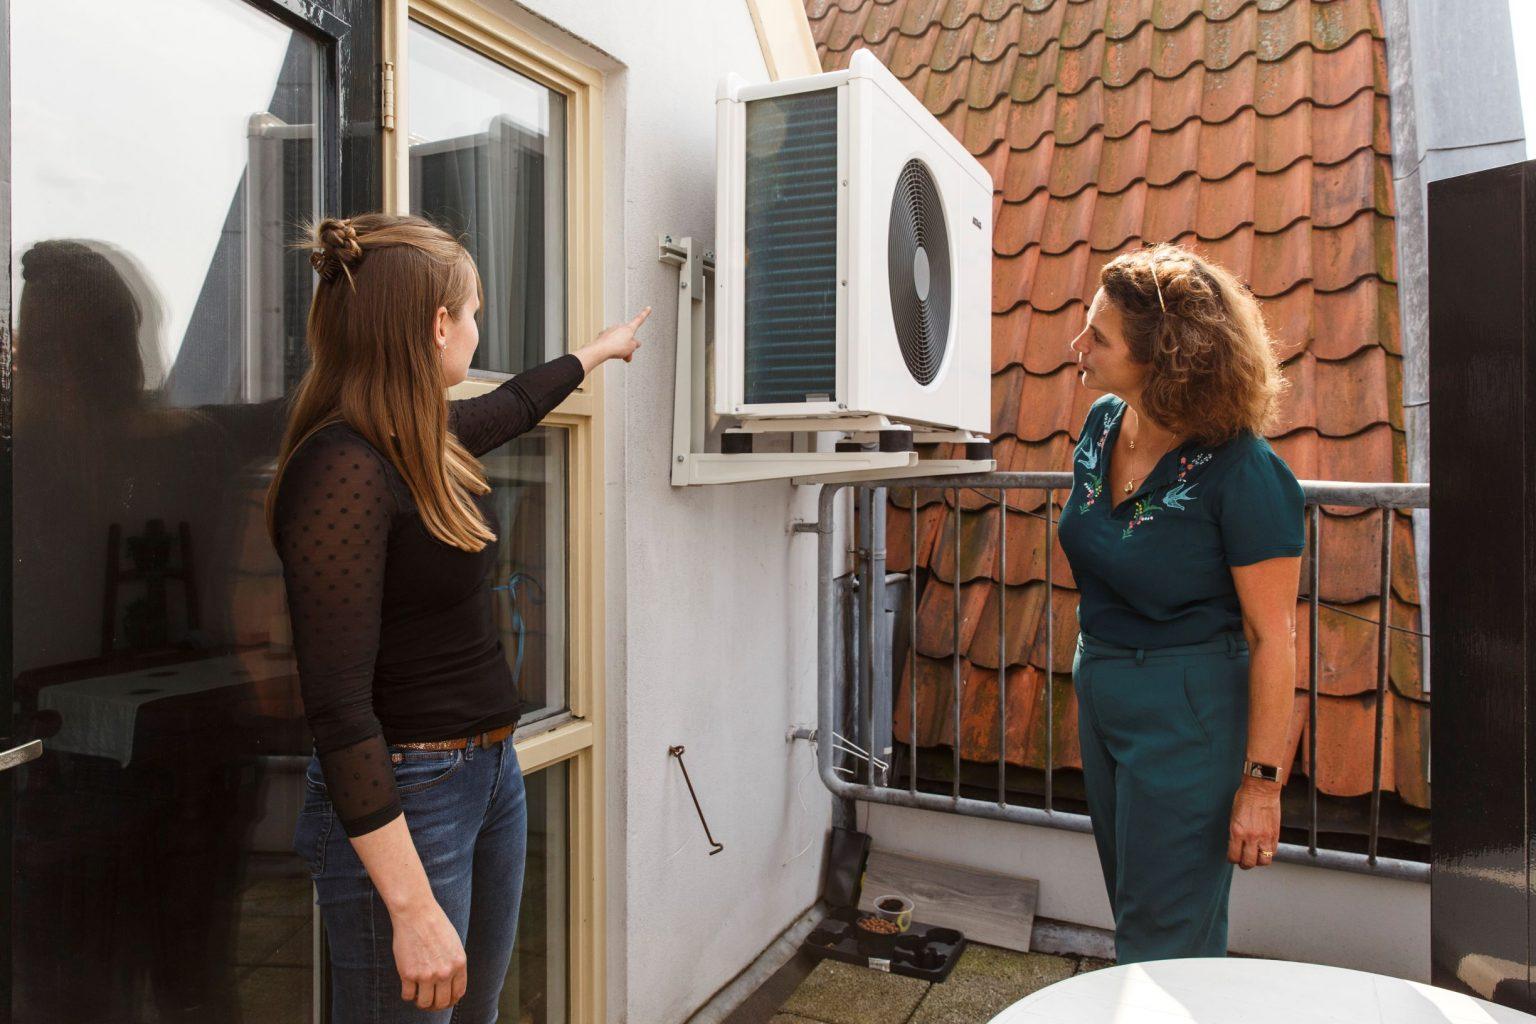 Green Light District - Warmtepomp Green Light District Marieke van Doorninck verkleind